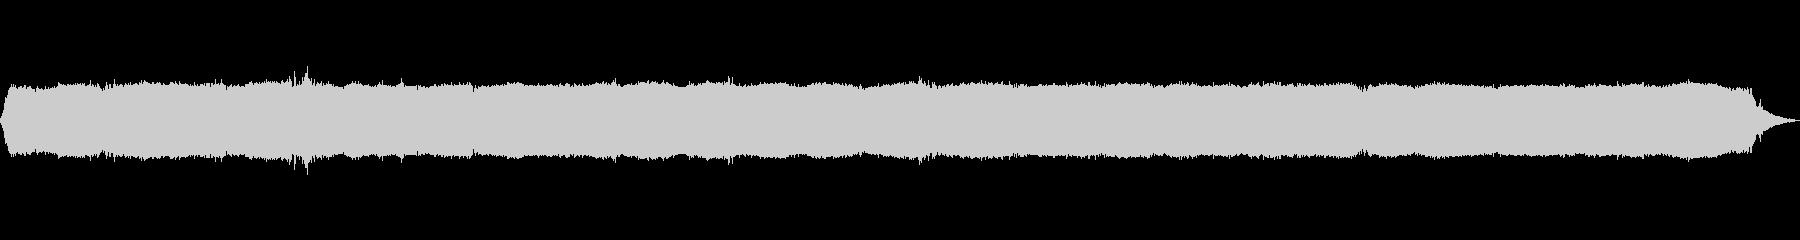 ミディアムオーシャンサーフ、安定した波の未再生の波形